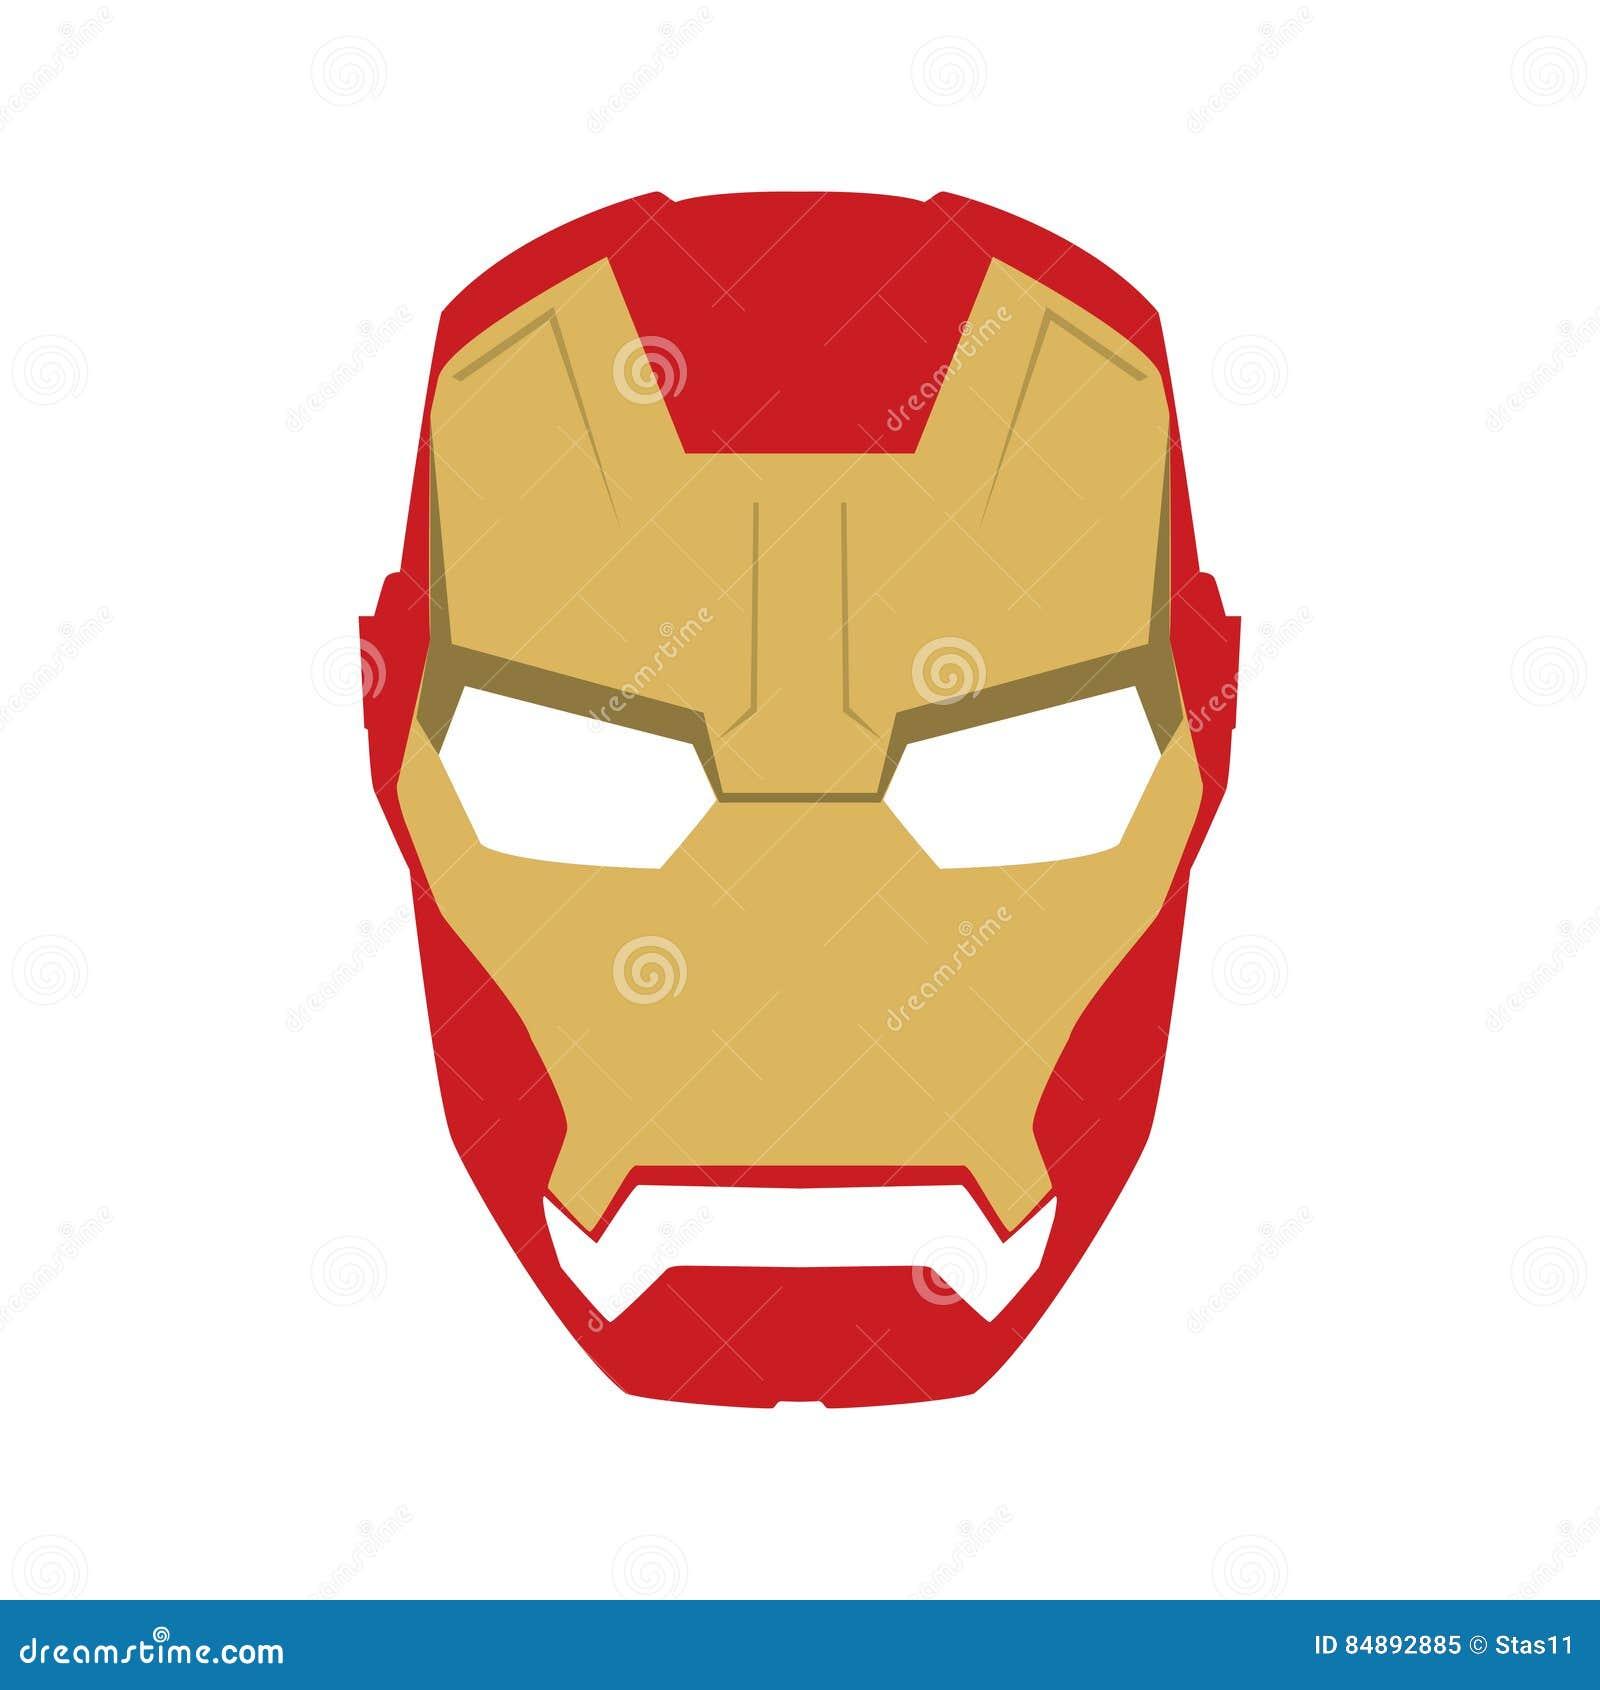 Vistoso Plantilla De Máscara De Caballero Friso - Ejemplo De ...